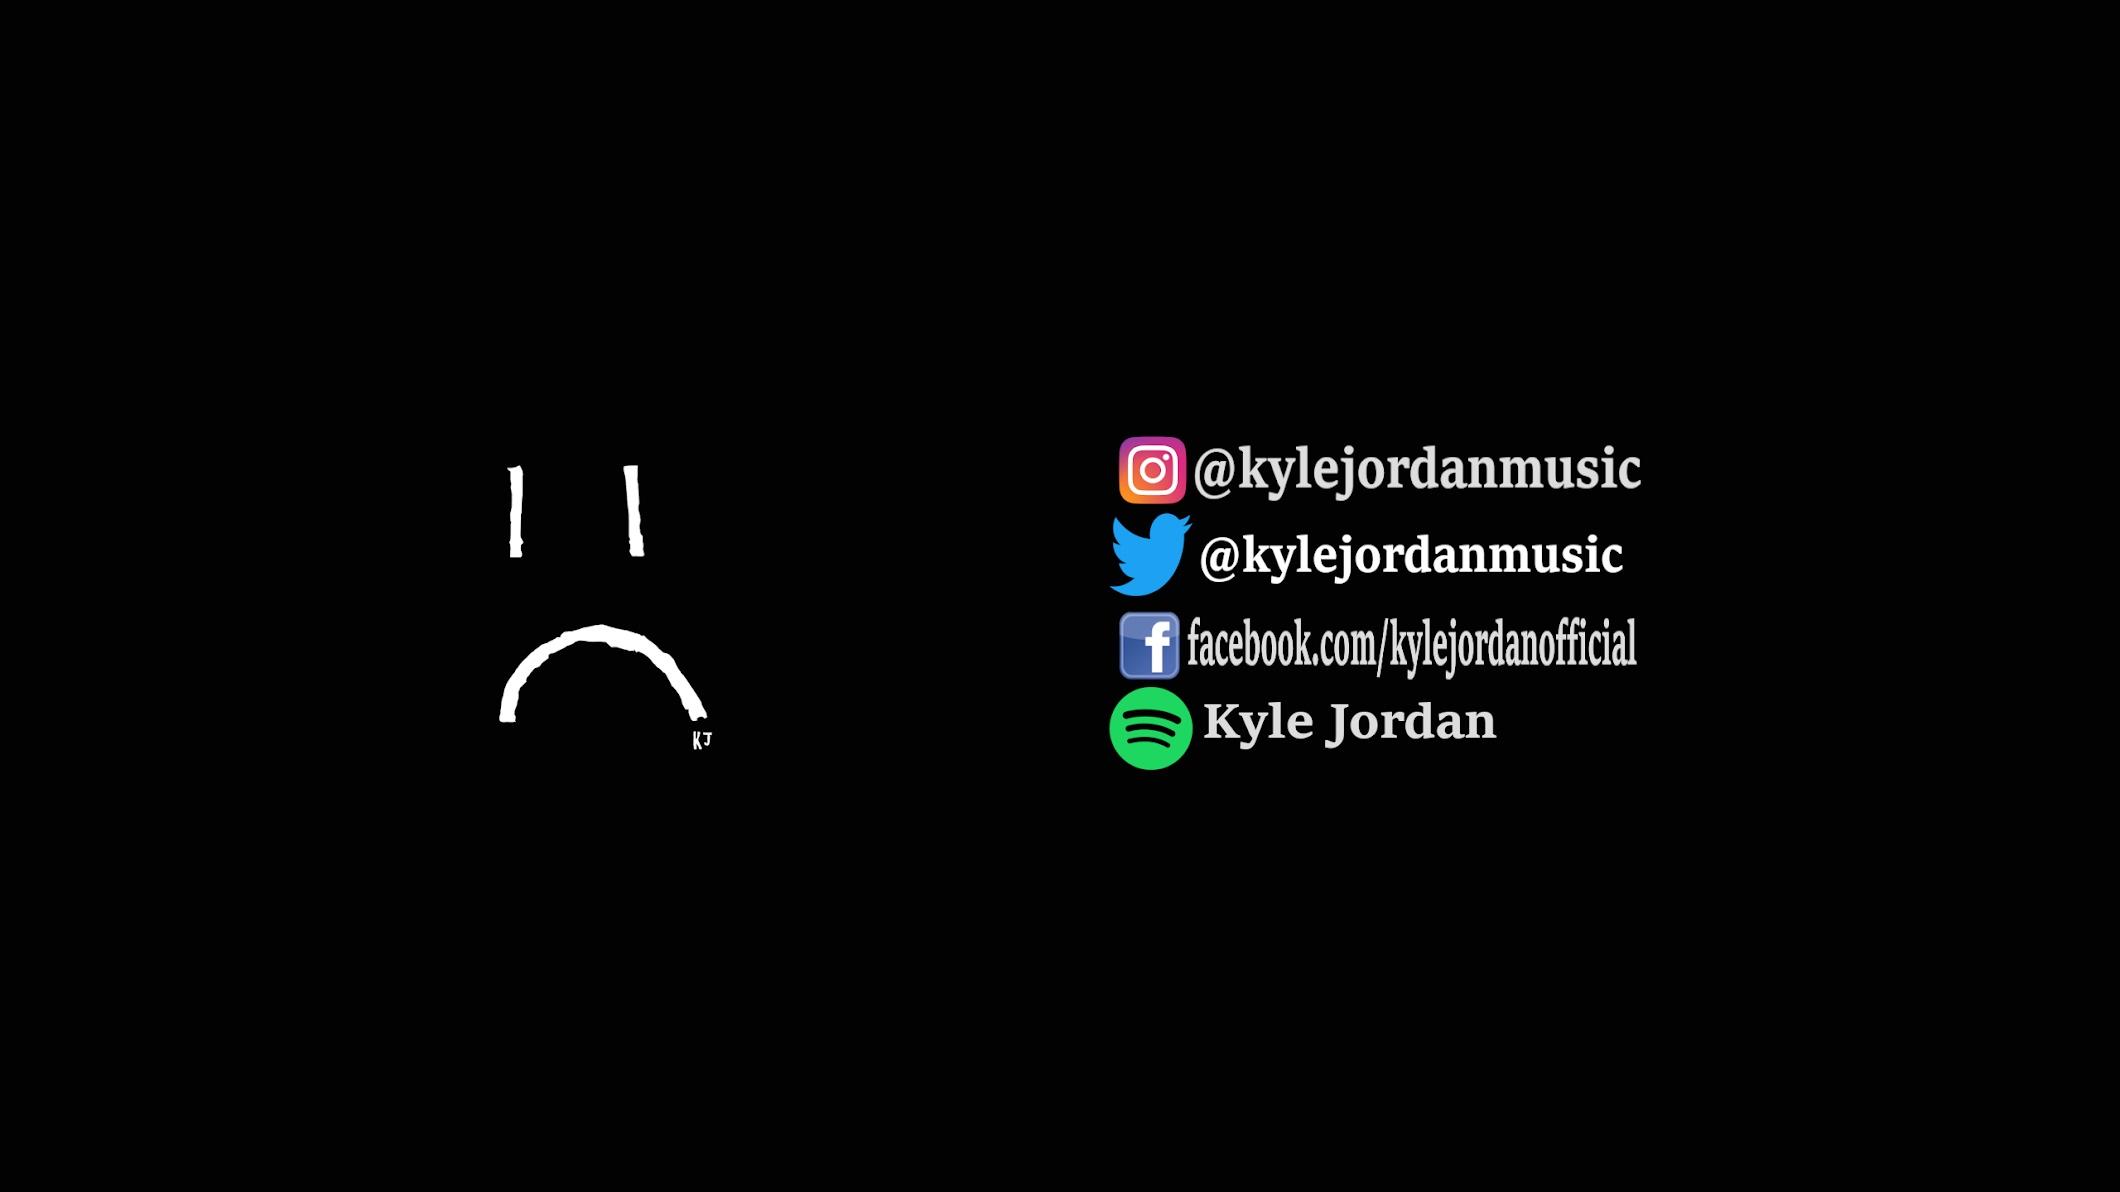 Kyle Jordan